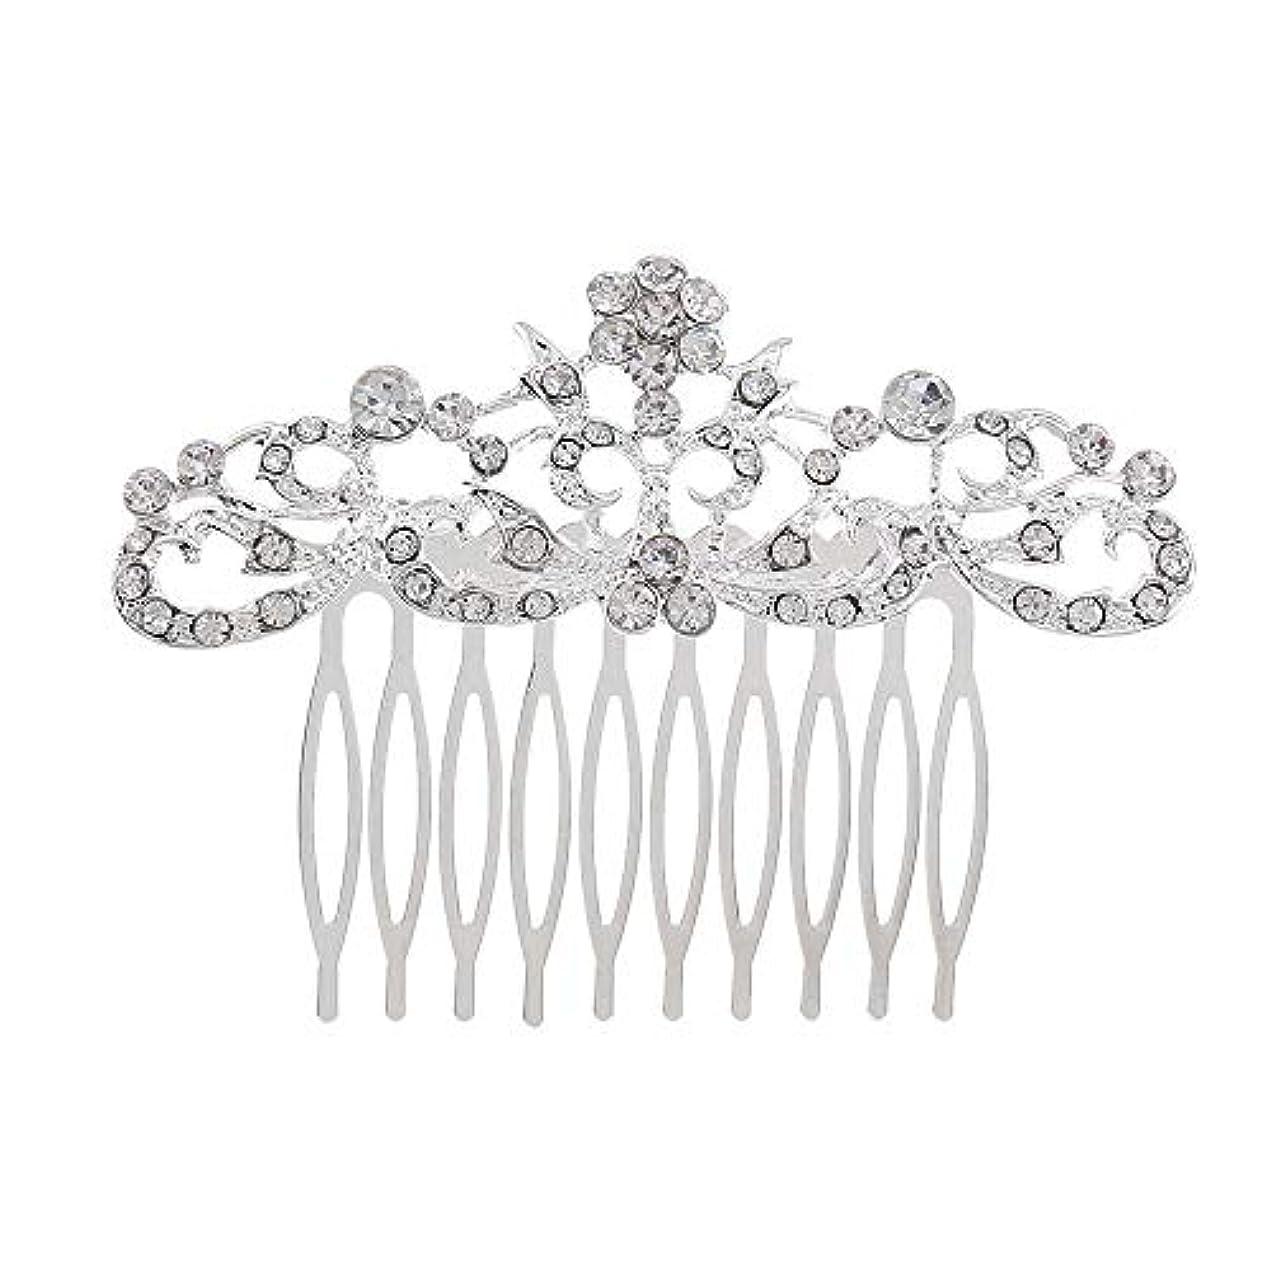 引き受けるパレードアプローチ髪の櫛の櫛の櫛の花嫁の髪の櫛のファッションラインストーンの櫛の櫛の花嫁の頭飾りの結婚式のアクセサリー